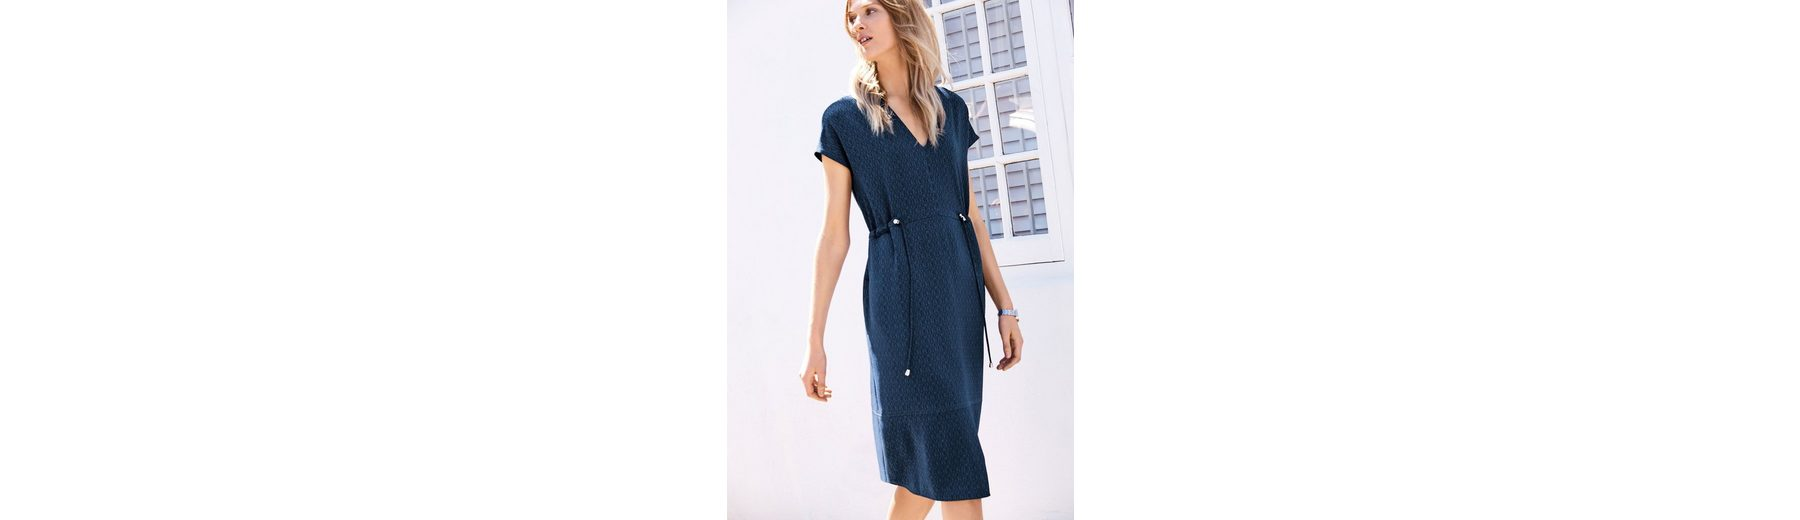 Next Strukturiertes Crêpe-Kleid  Wie Viel Heißen Verkauf Zum Verkauf Offizielle Günstig Online Großer Verkauf Online laPEVyX7G